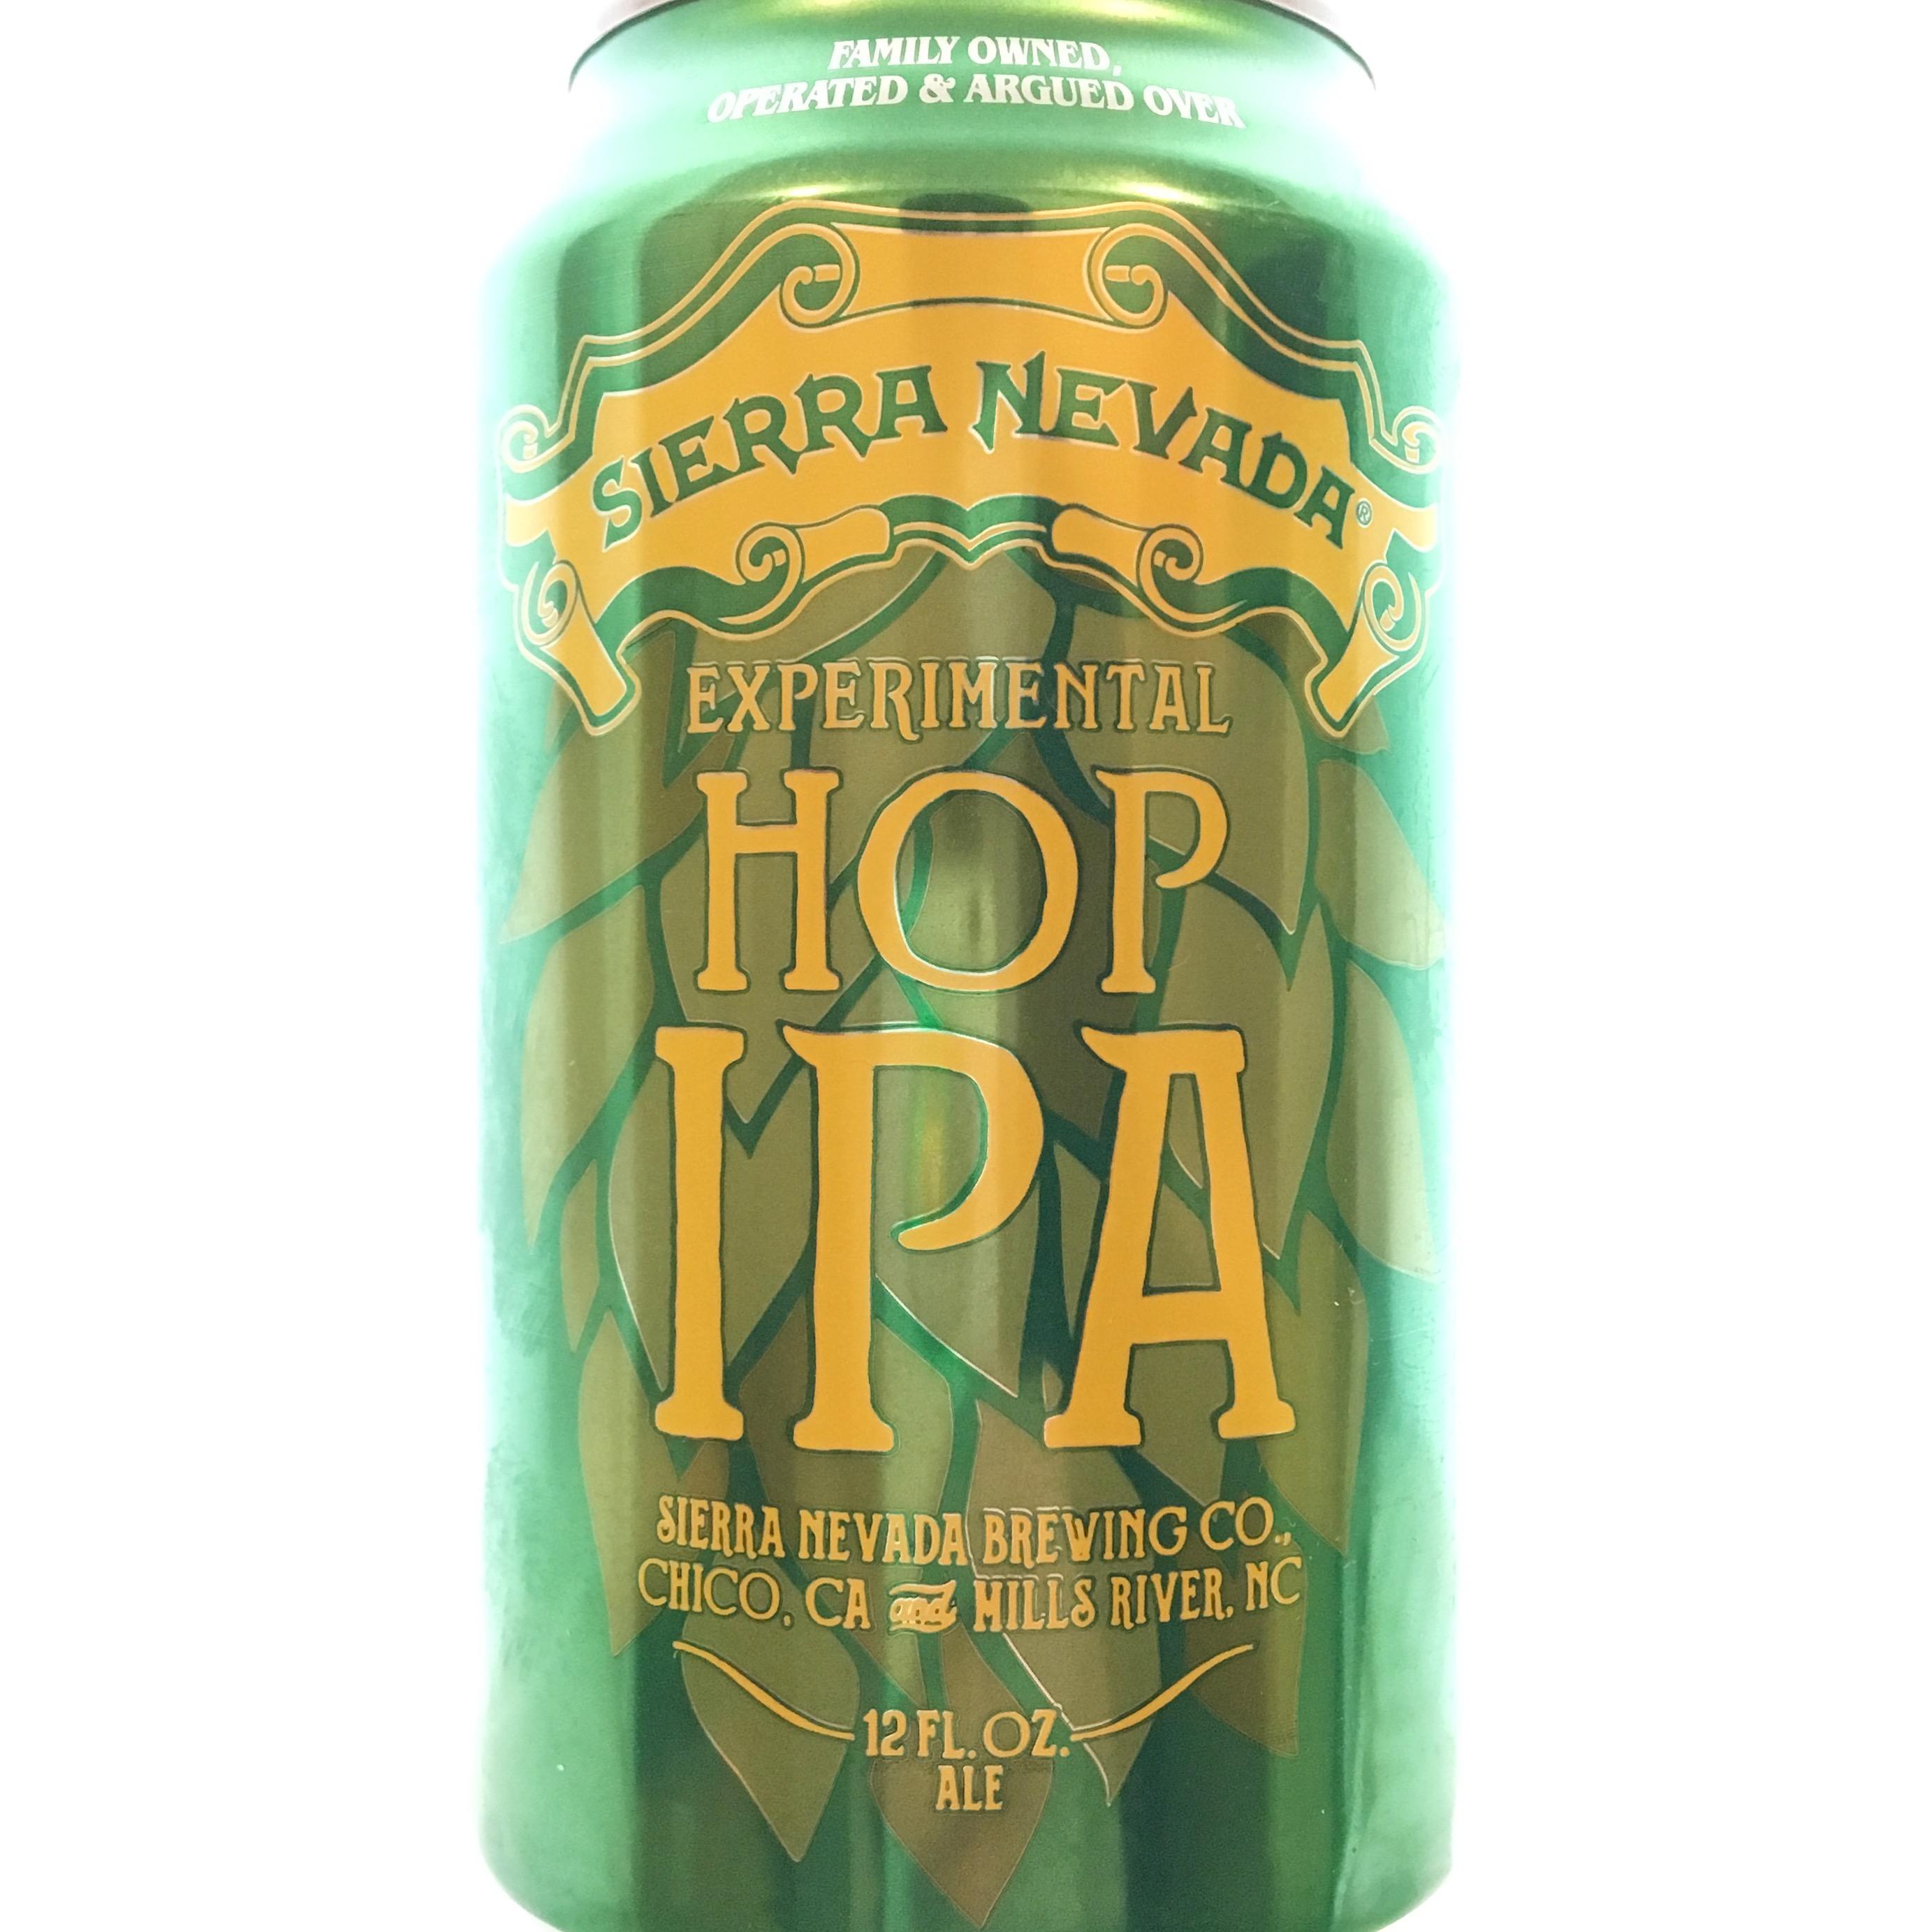 【クール便必須】 Sierra Nevada (シエラネバダ) Experimental Hop IPA (エクスペリメンタル ホップ IPA)缶 355ml